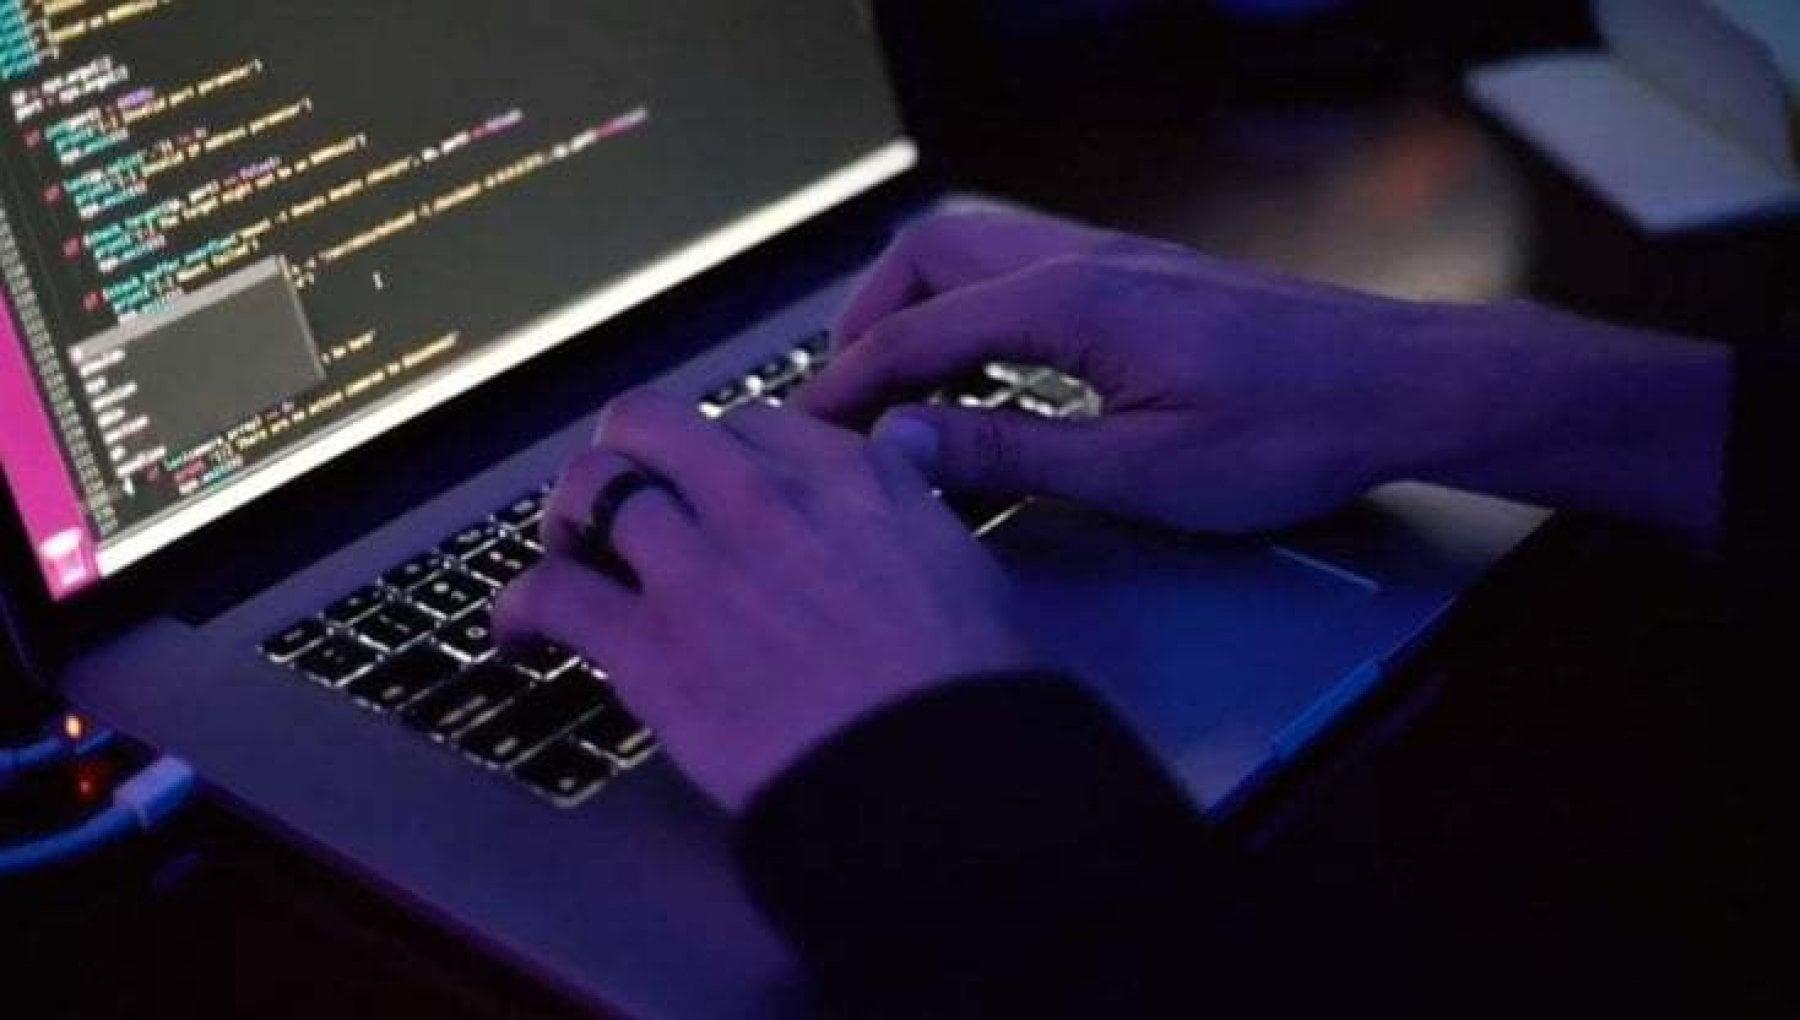 213634003 b6678221 fcc7 4de6 9d35 ca0edc90cd0a - Attacco ransomware, Biden prudente sulle responsabilità della Russia